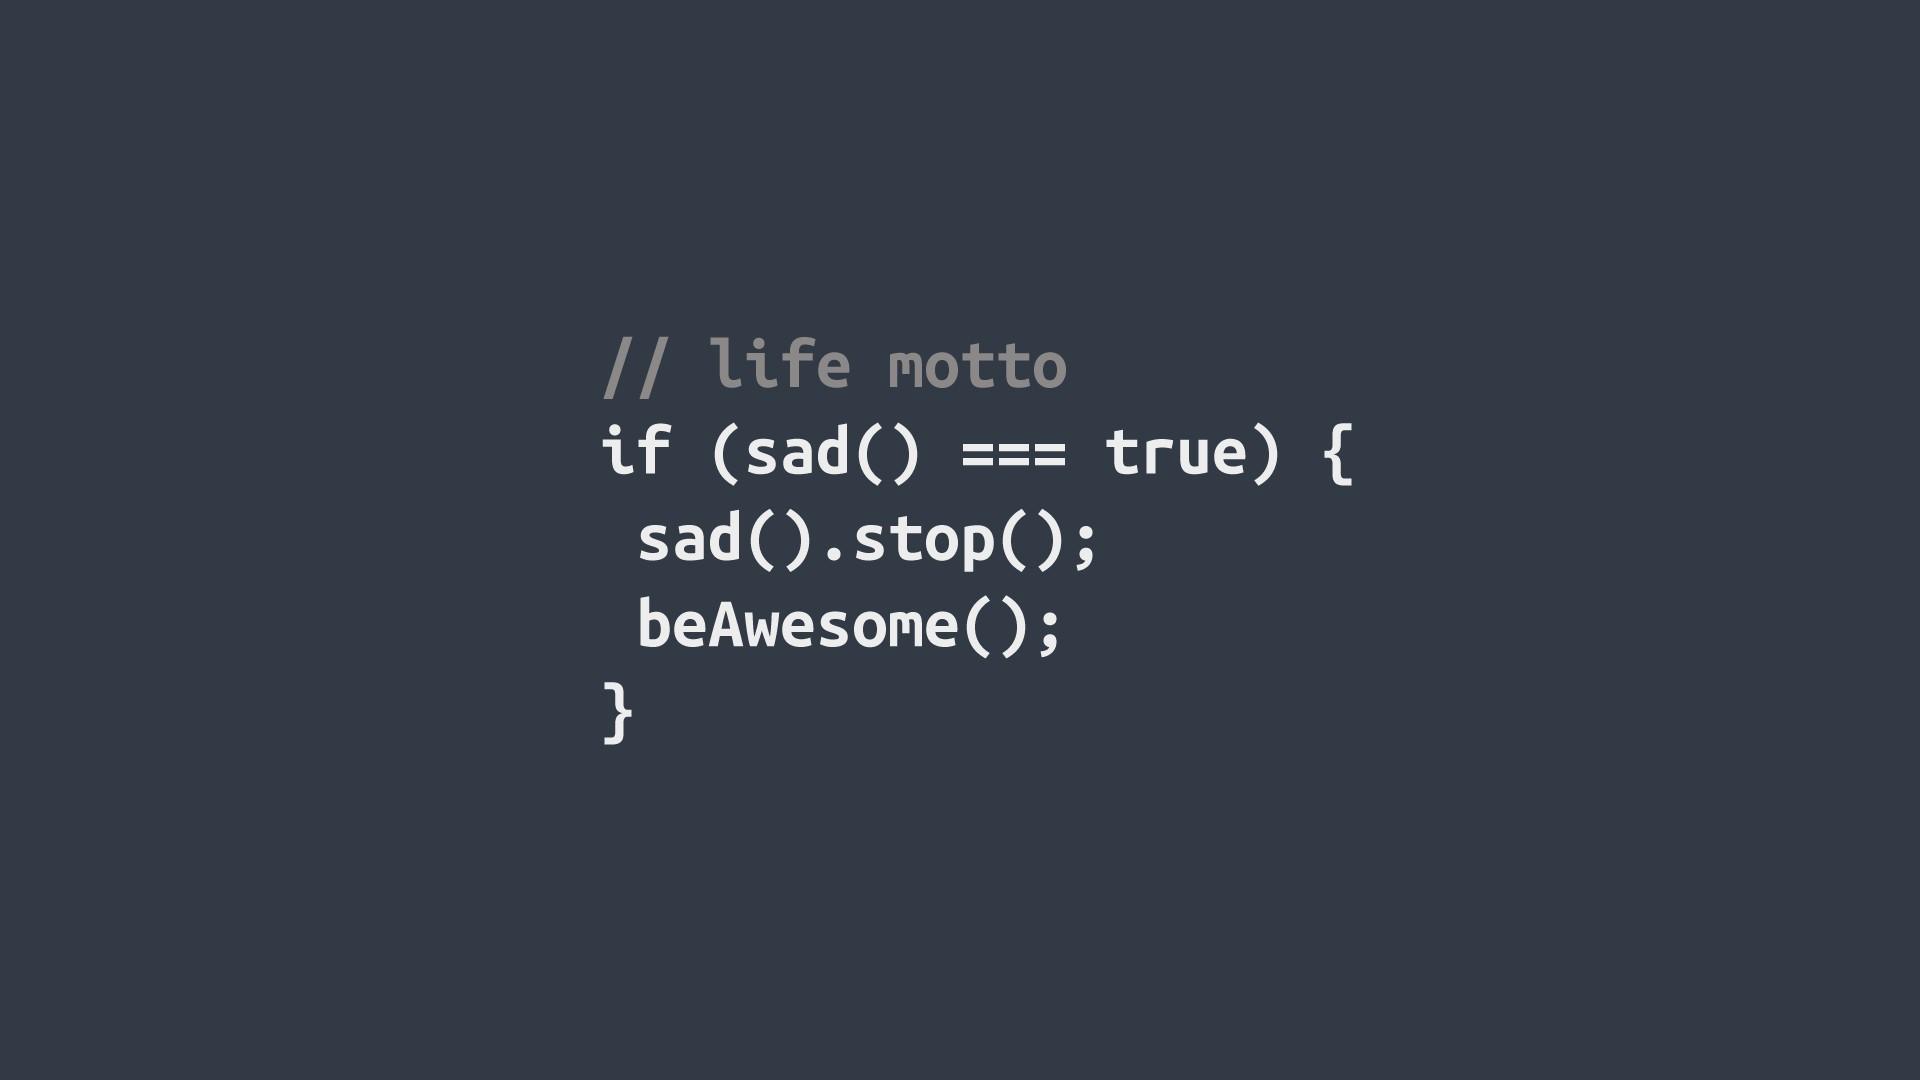 code wallpapers